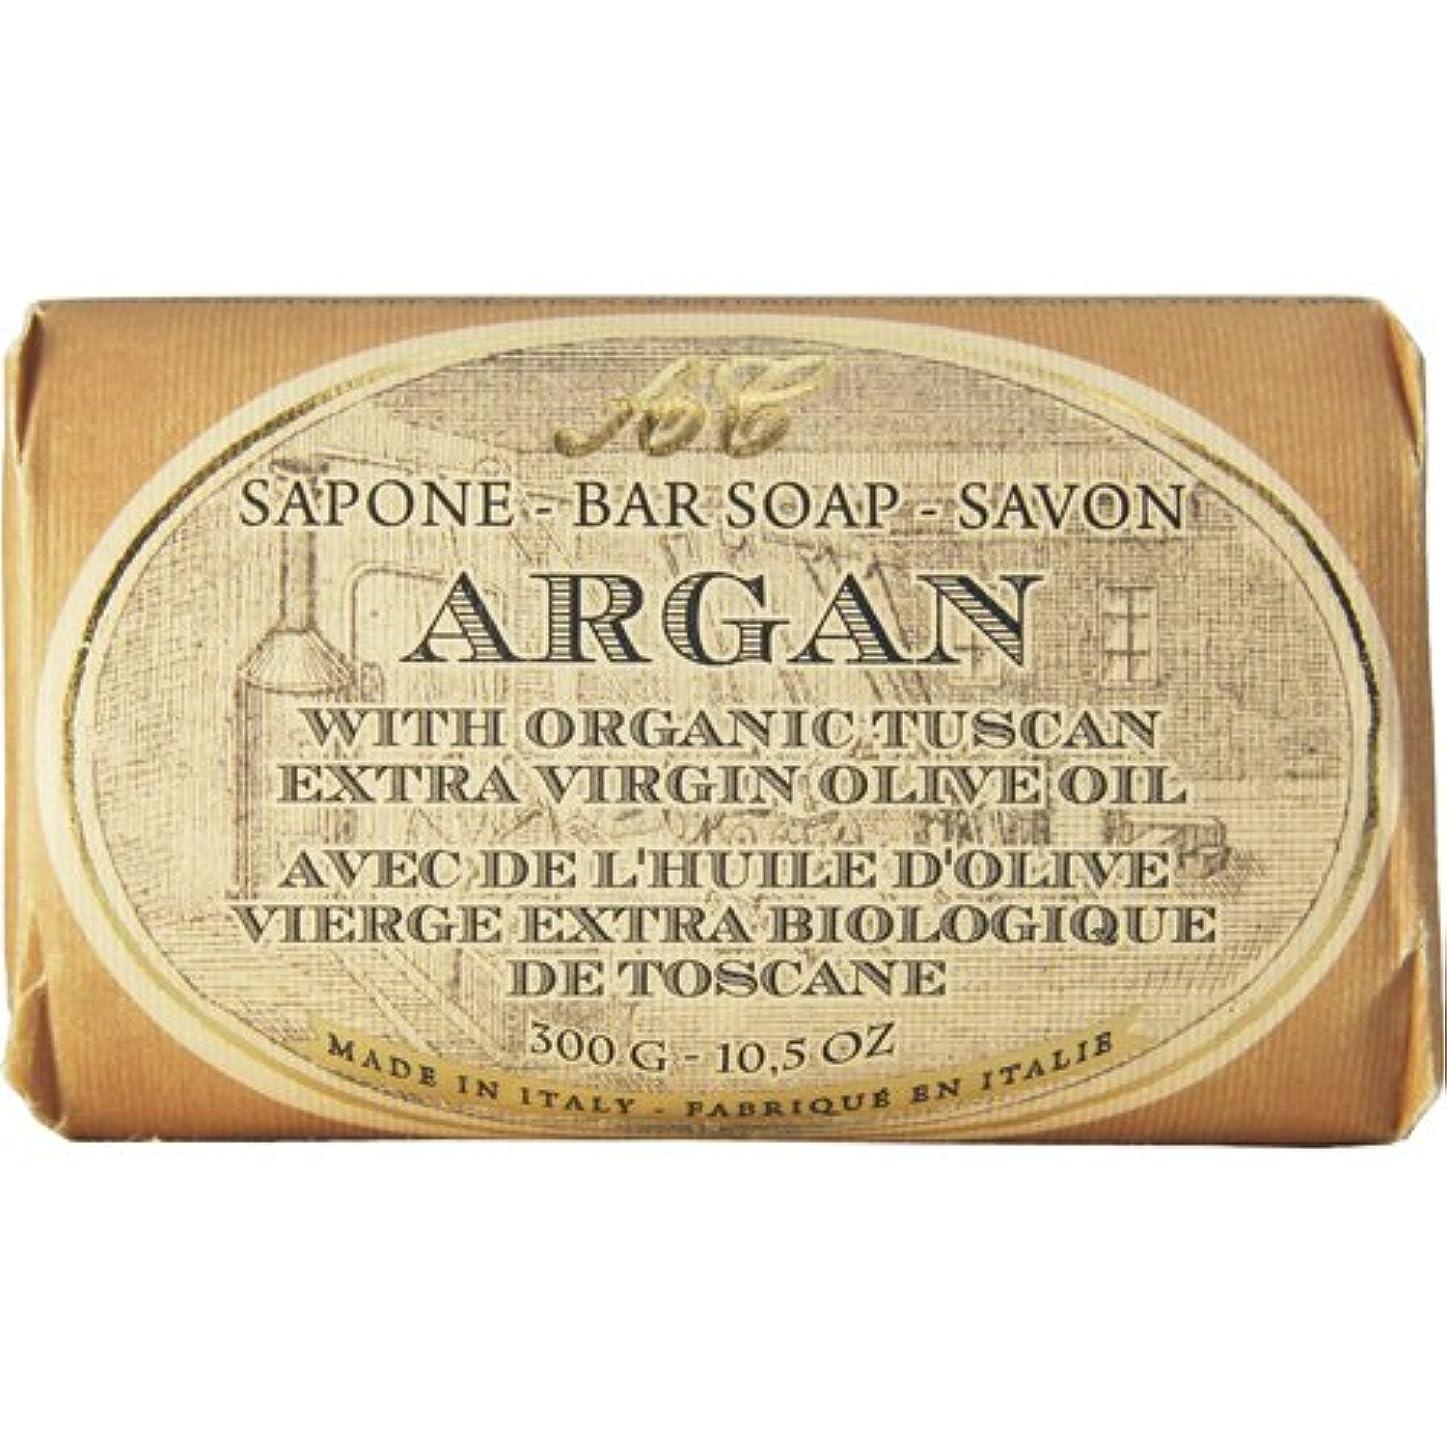 読書資格情報森林Saponerire Fissi レトロシリーズ Bar Soap バーソープ 300g Argan アルガンオイル